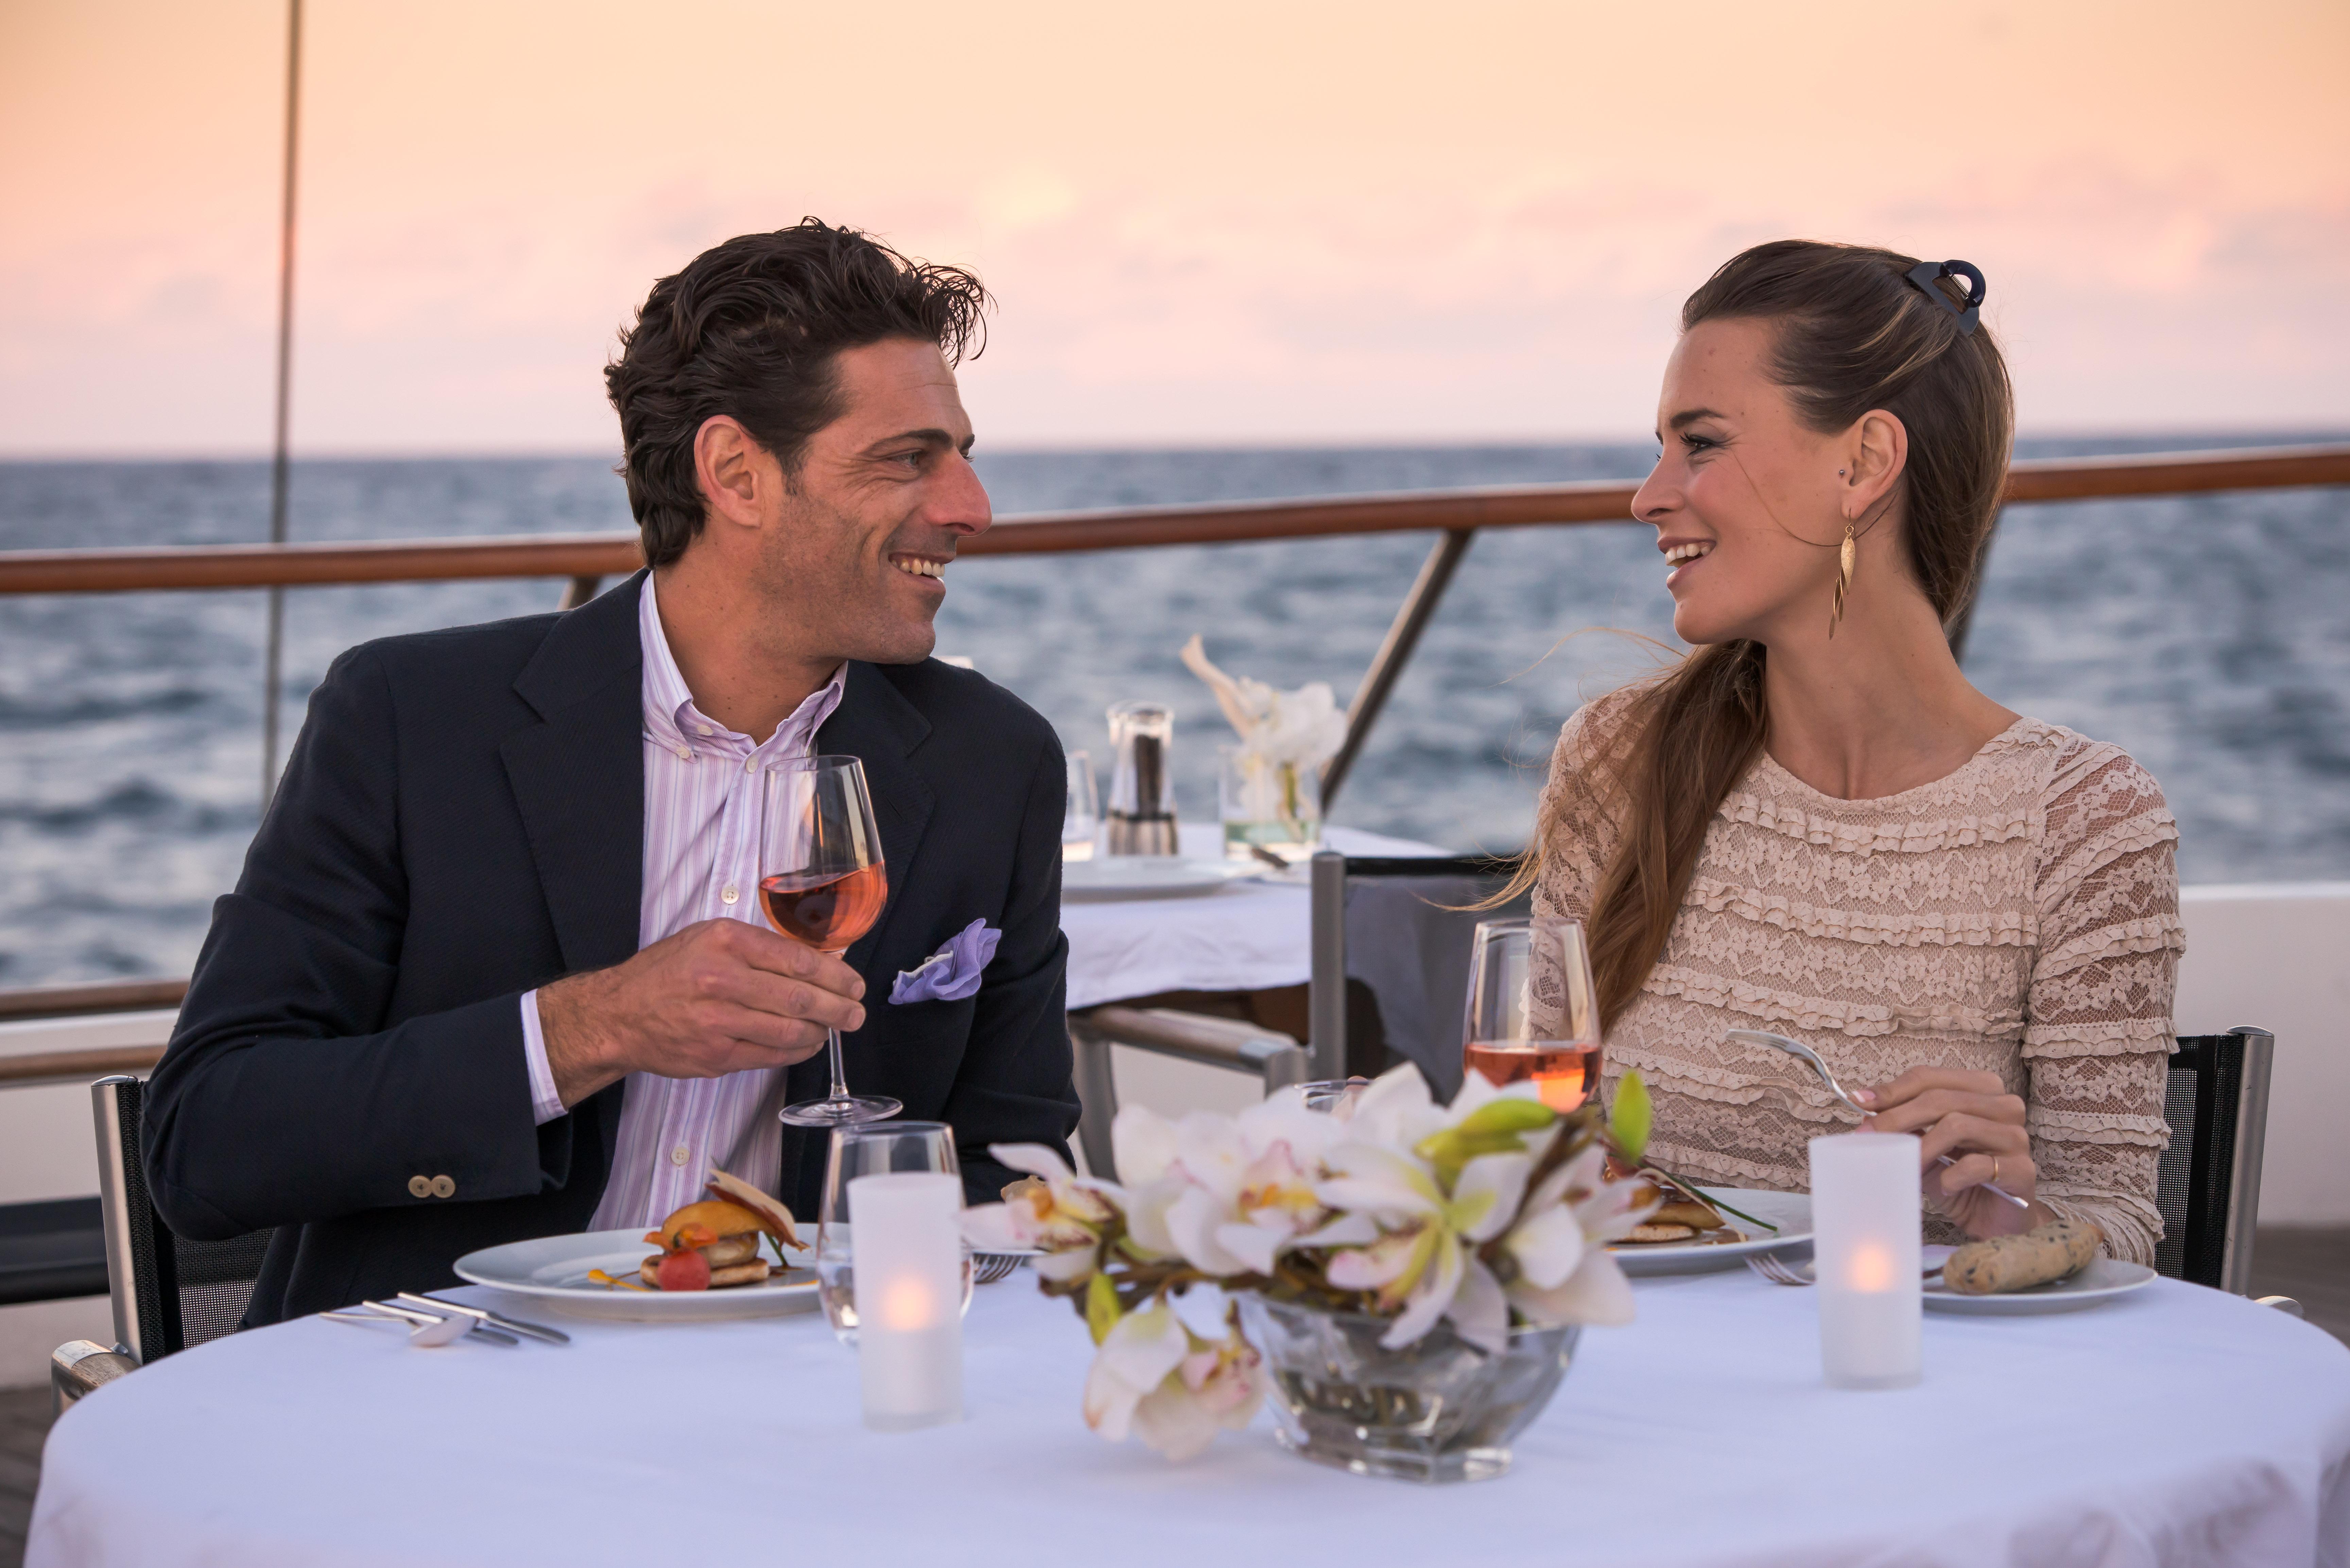 Ponant Le Ponant Exterior Couple Dining on Deck 1.JPEG